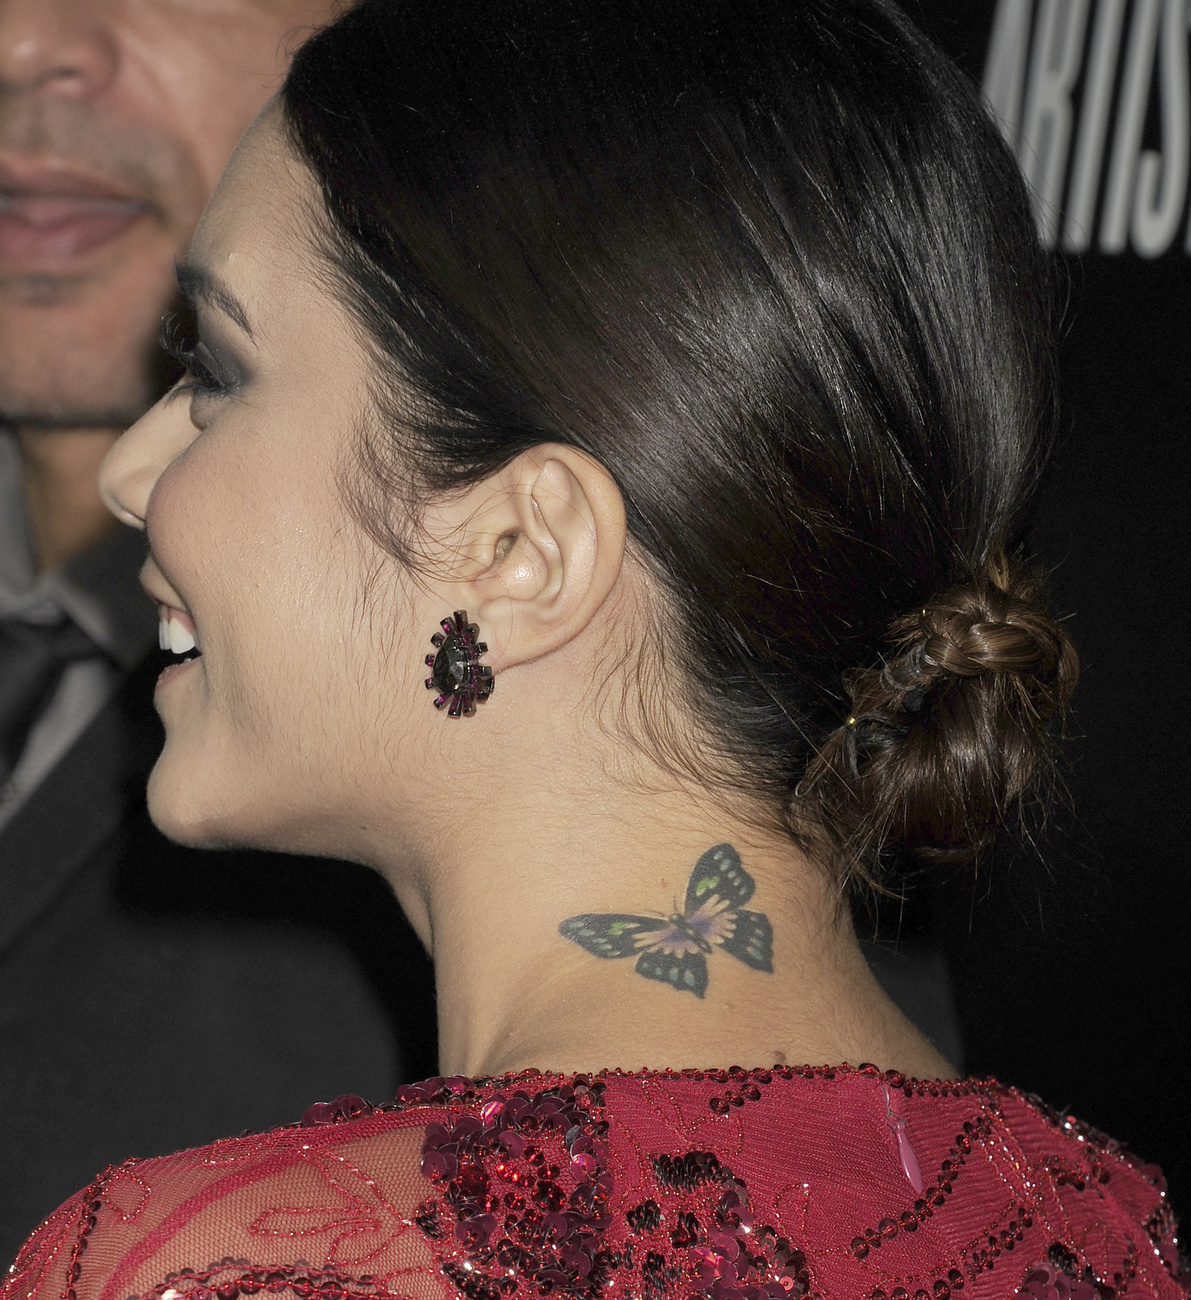 David Beckhamnek egyébként a tarkóján is van tetoválás – mint kb. a testén mindenhol